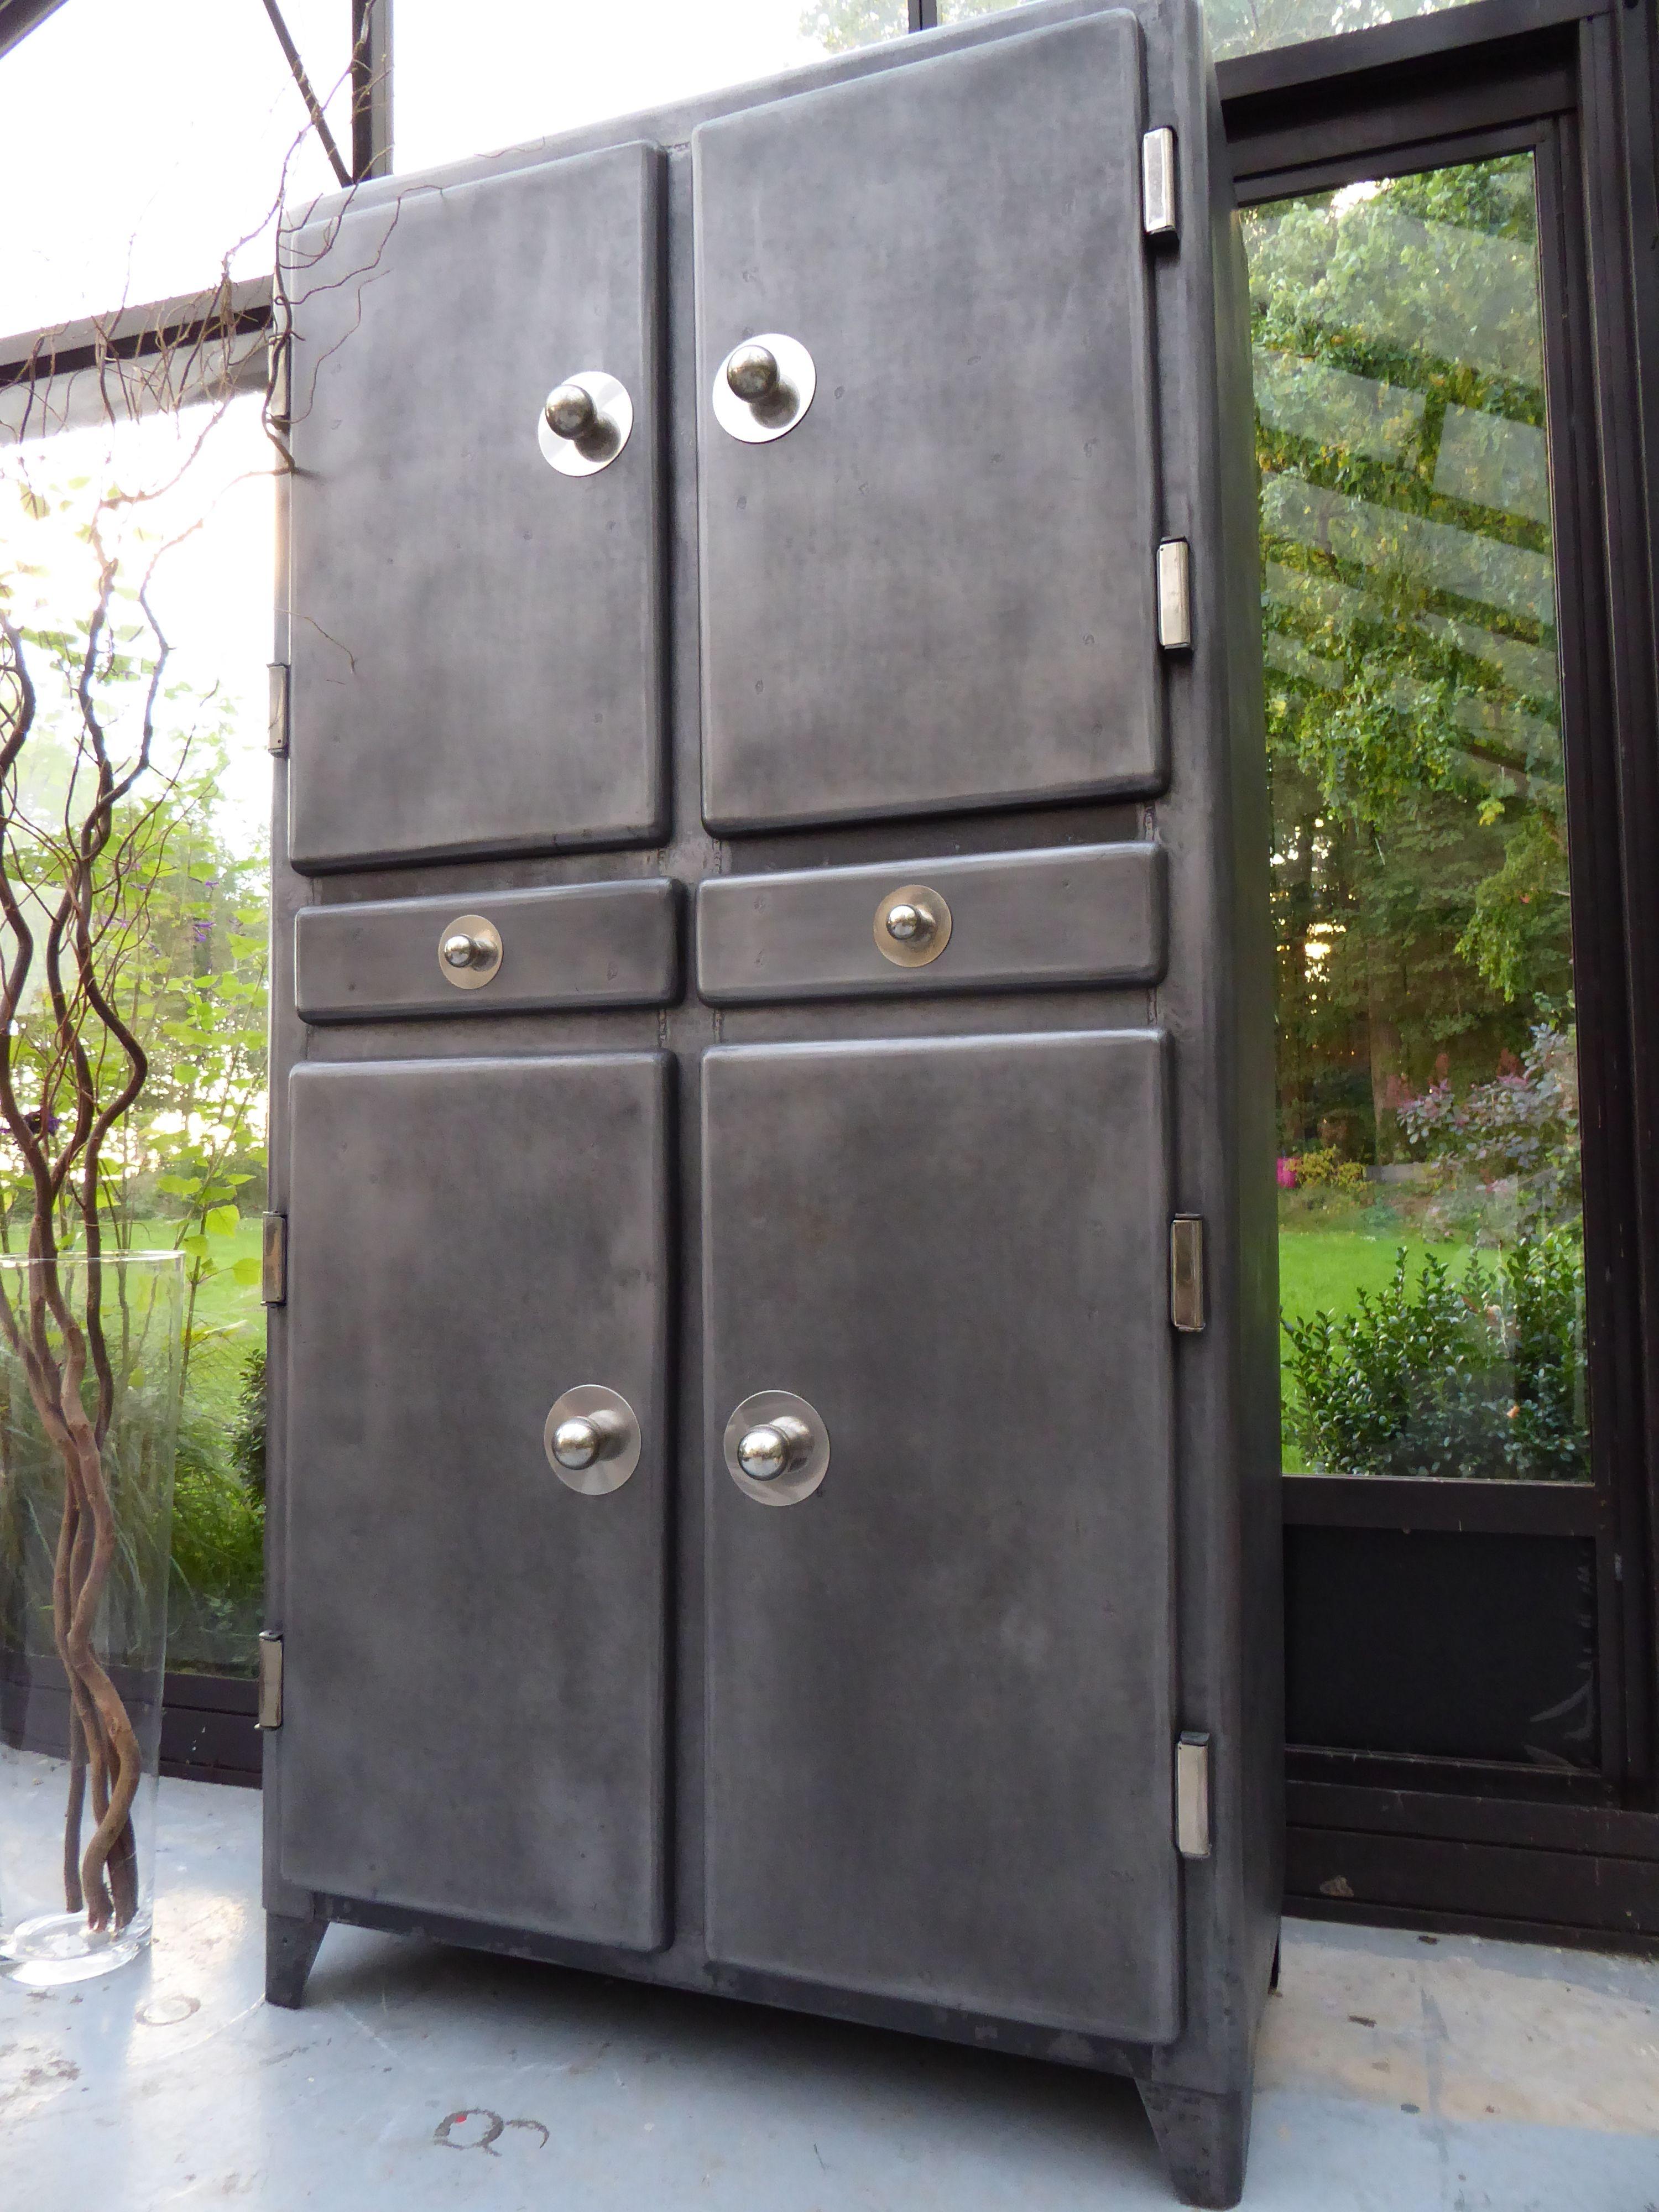 armoire m tal ann es 50 vous propose cet ancien meuble de cuisine ann es. Black Bedroom Furniture Sets. Home Design Ideas